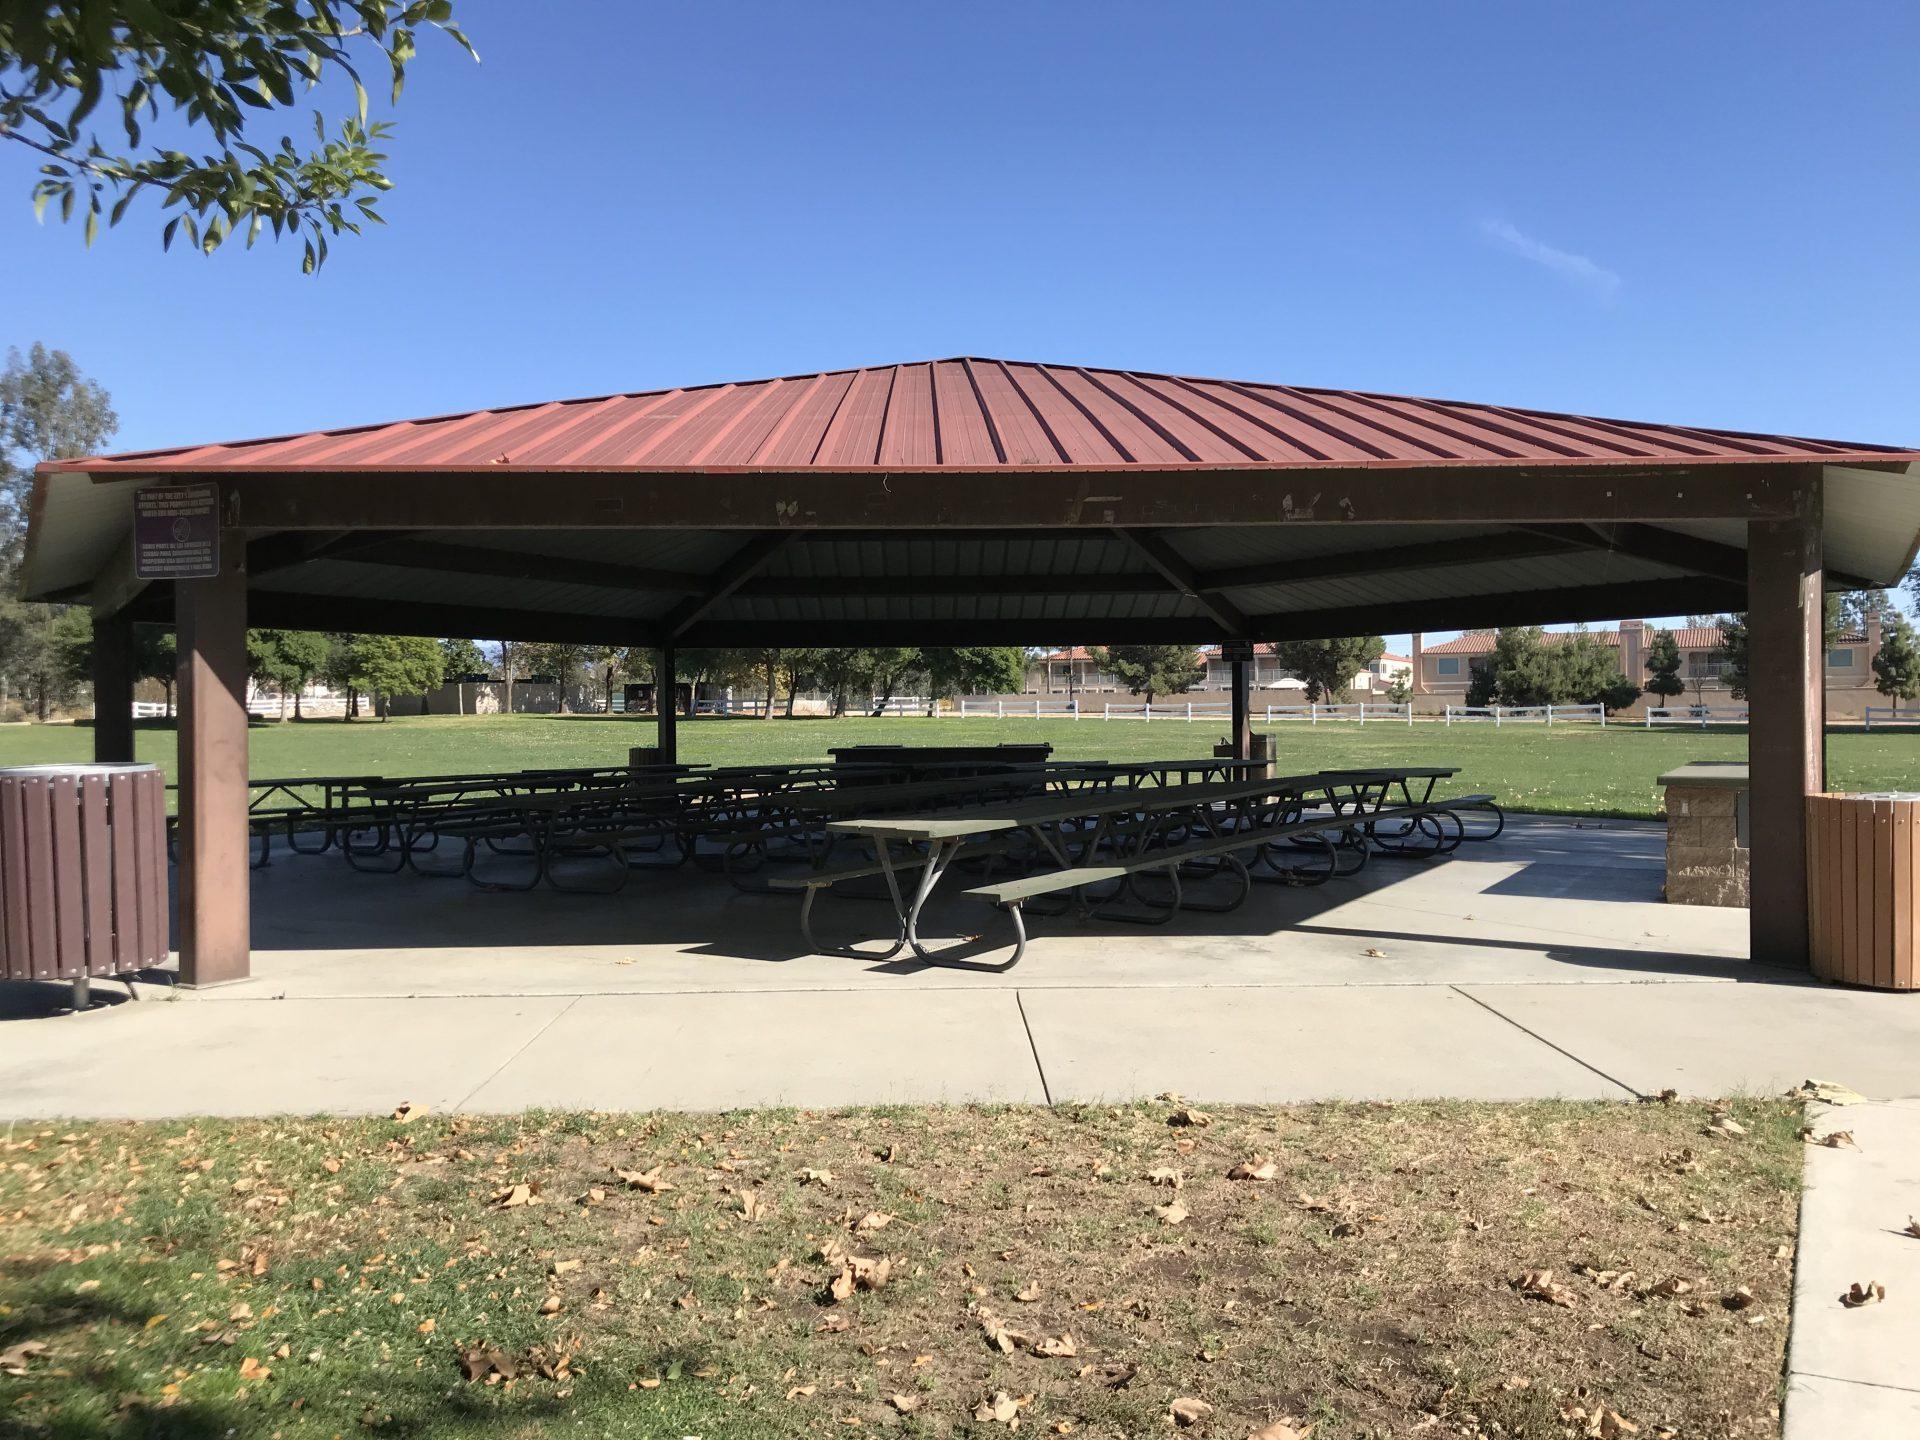 Photo of picnic shelter at Guasti